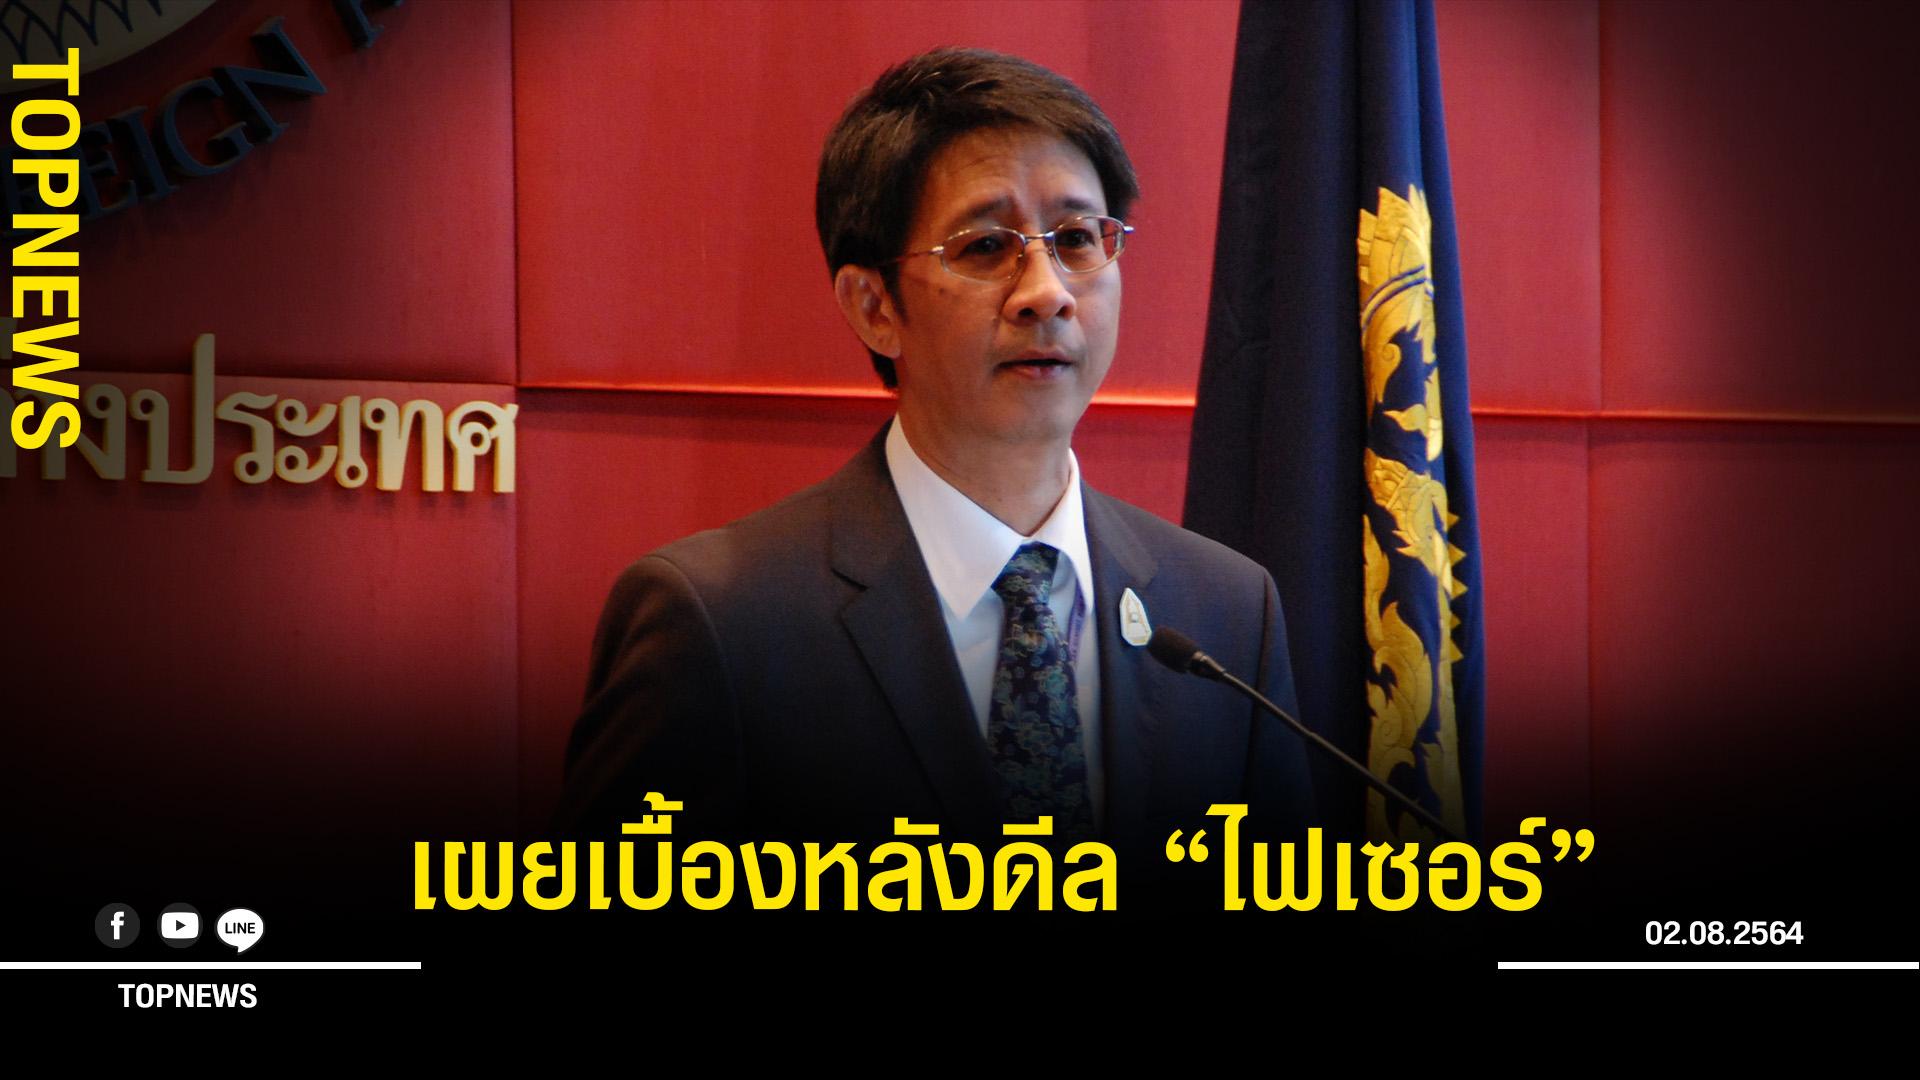 """""""ทูตไทย"""" เผยเบื้องหลังดีล """"ไฟเซอร์"""" 1.5 ล้านโดส จากรัฐบาลสหรัฐฯ"""